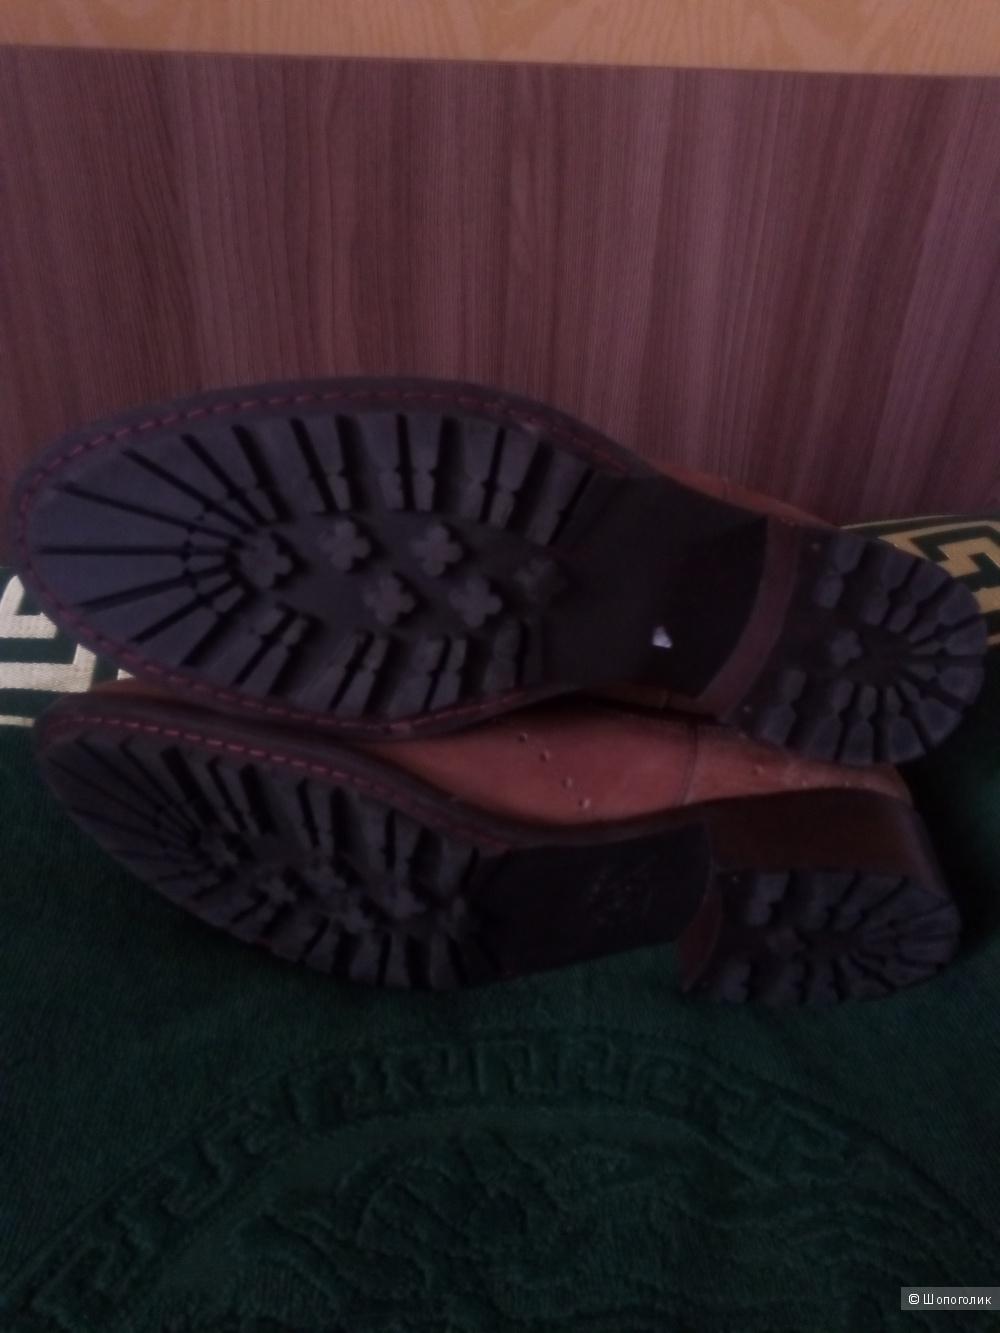 Ботинки Walter Bauer р.38